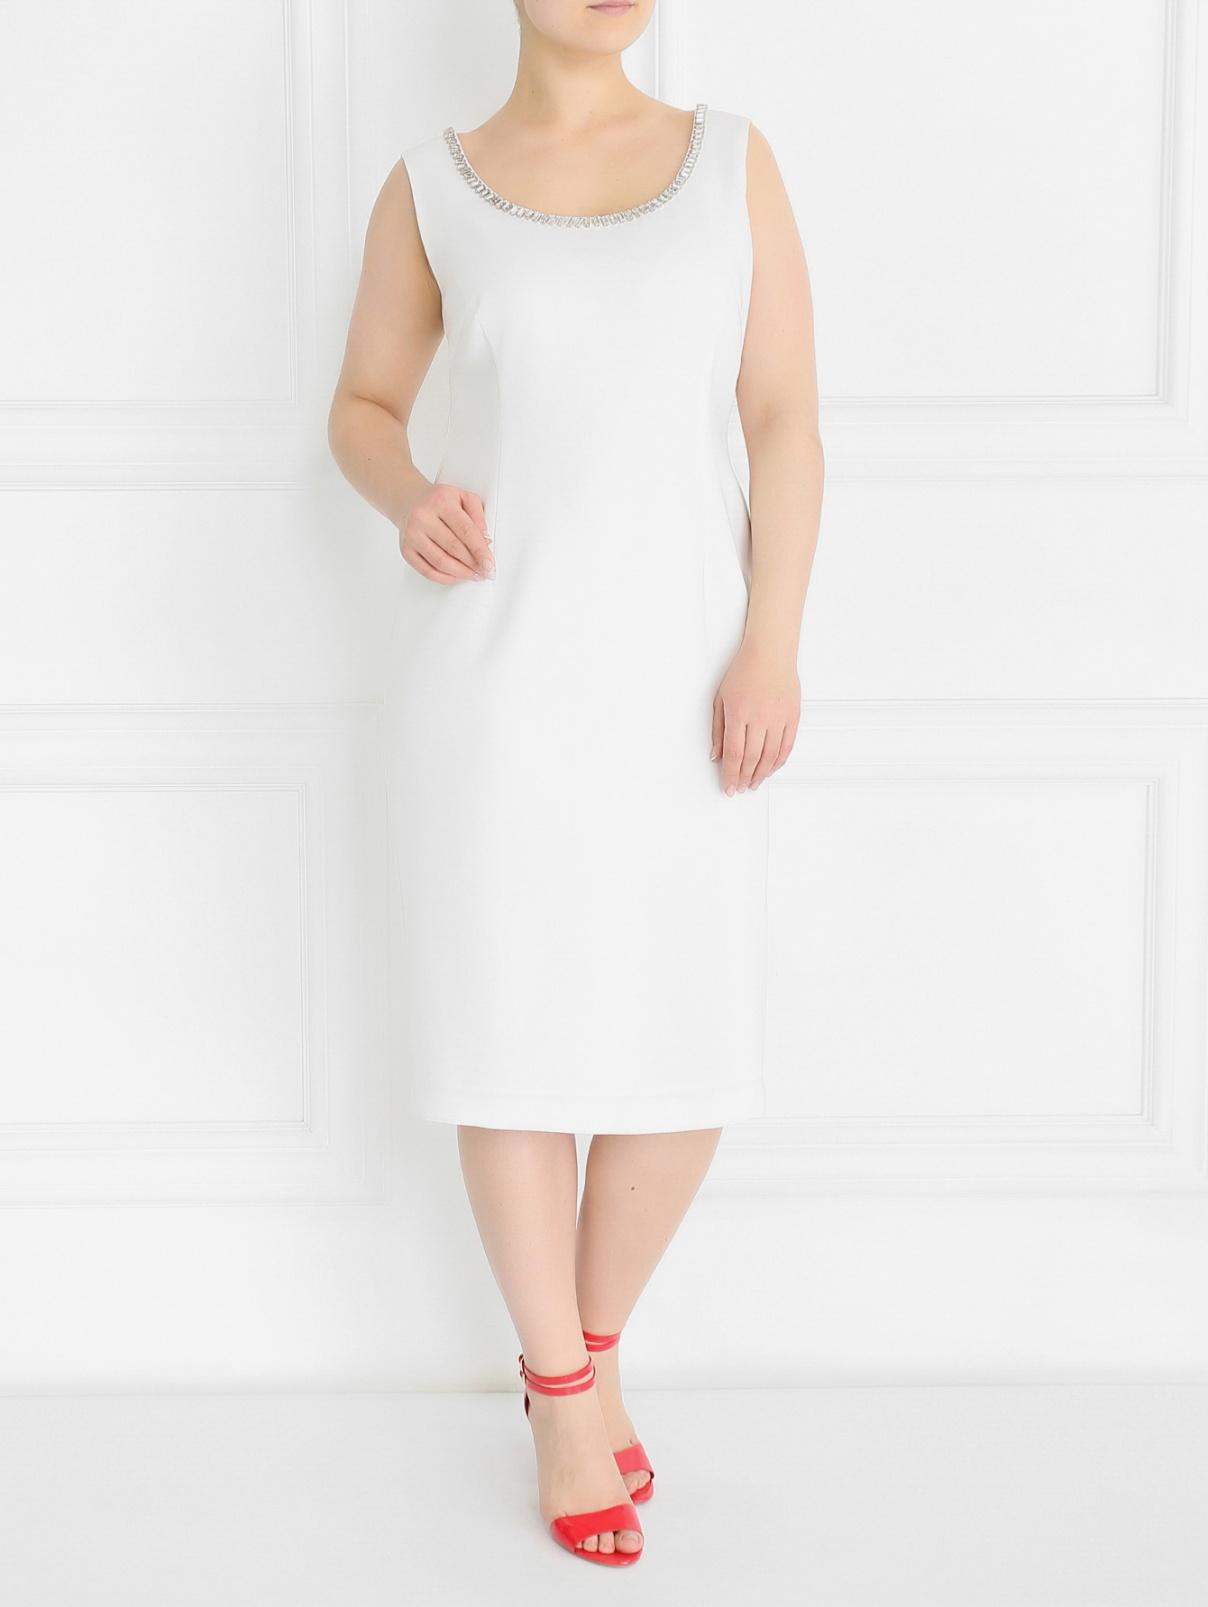 Платье-футляр с декоративной отделкой из кристаллов Marina Rinaldi  –  Модель Общий вид